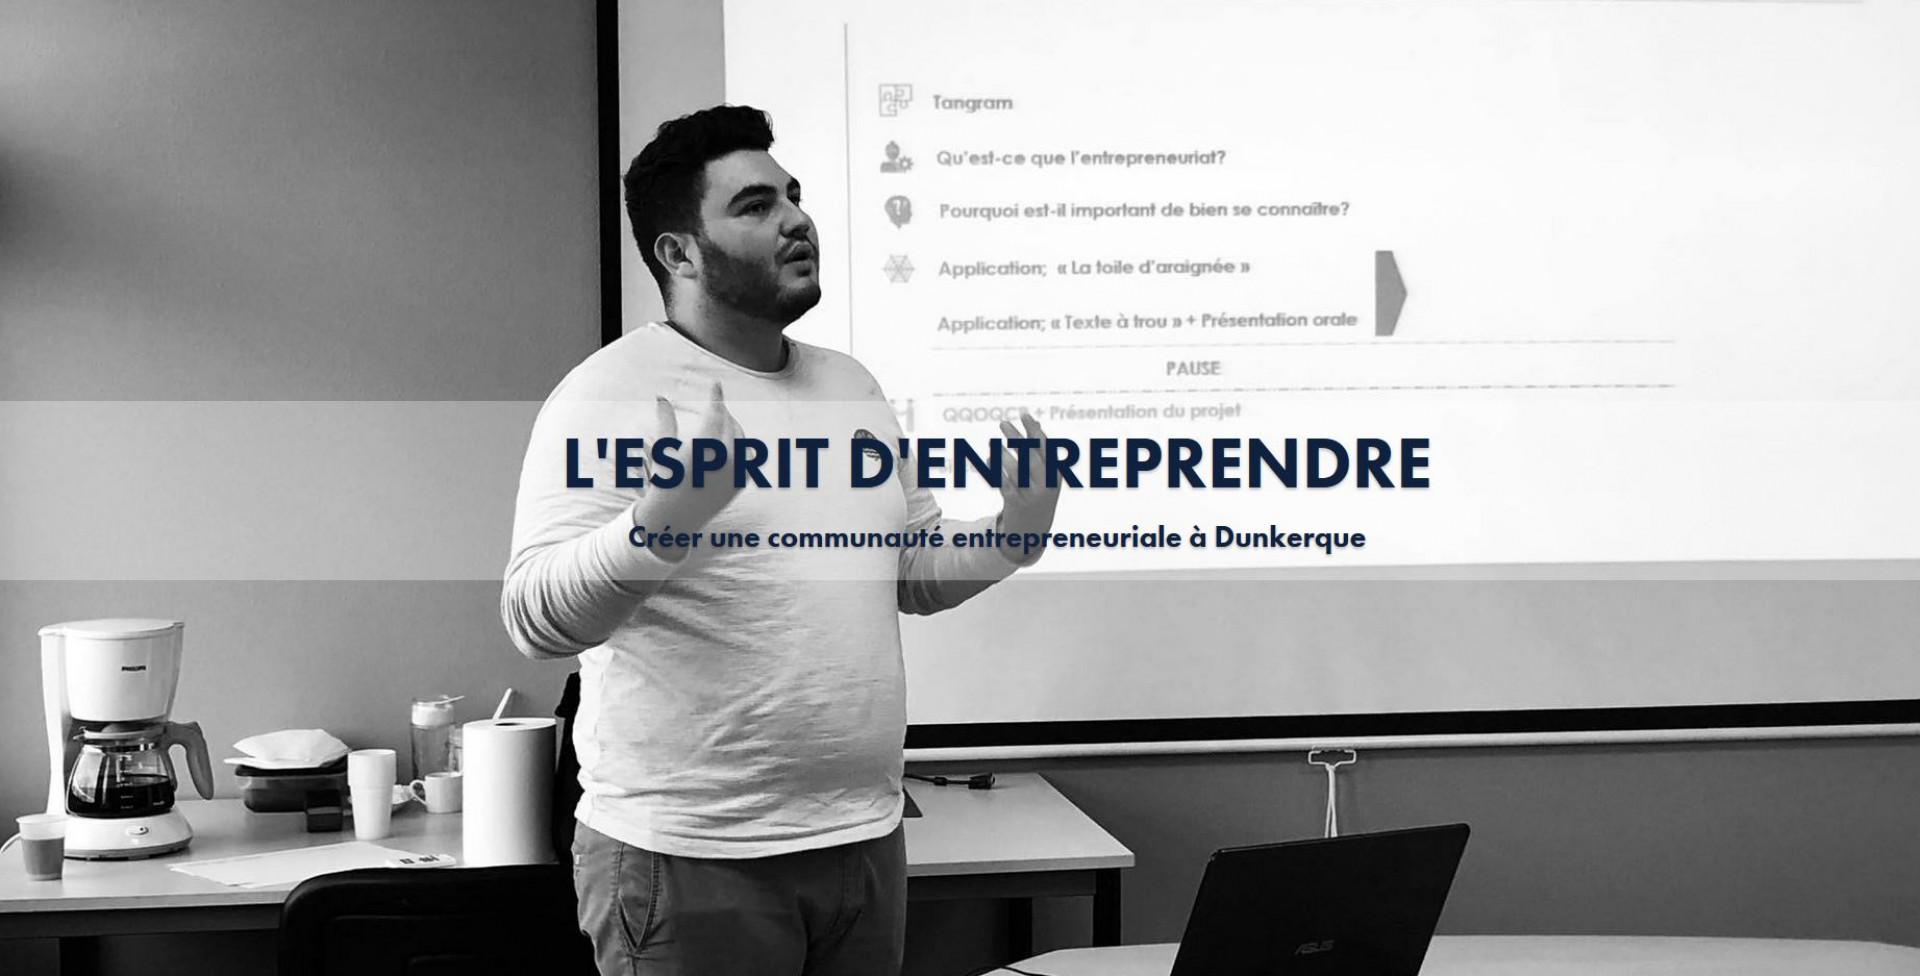 L'esprit d'entreprendre, Créer une communauté entrepreneuriale à Dunkerque